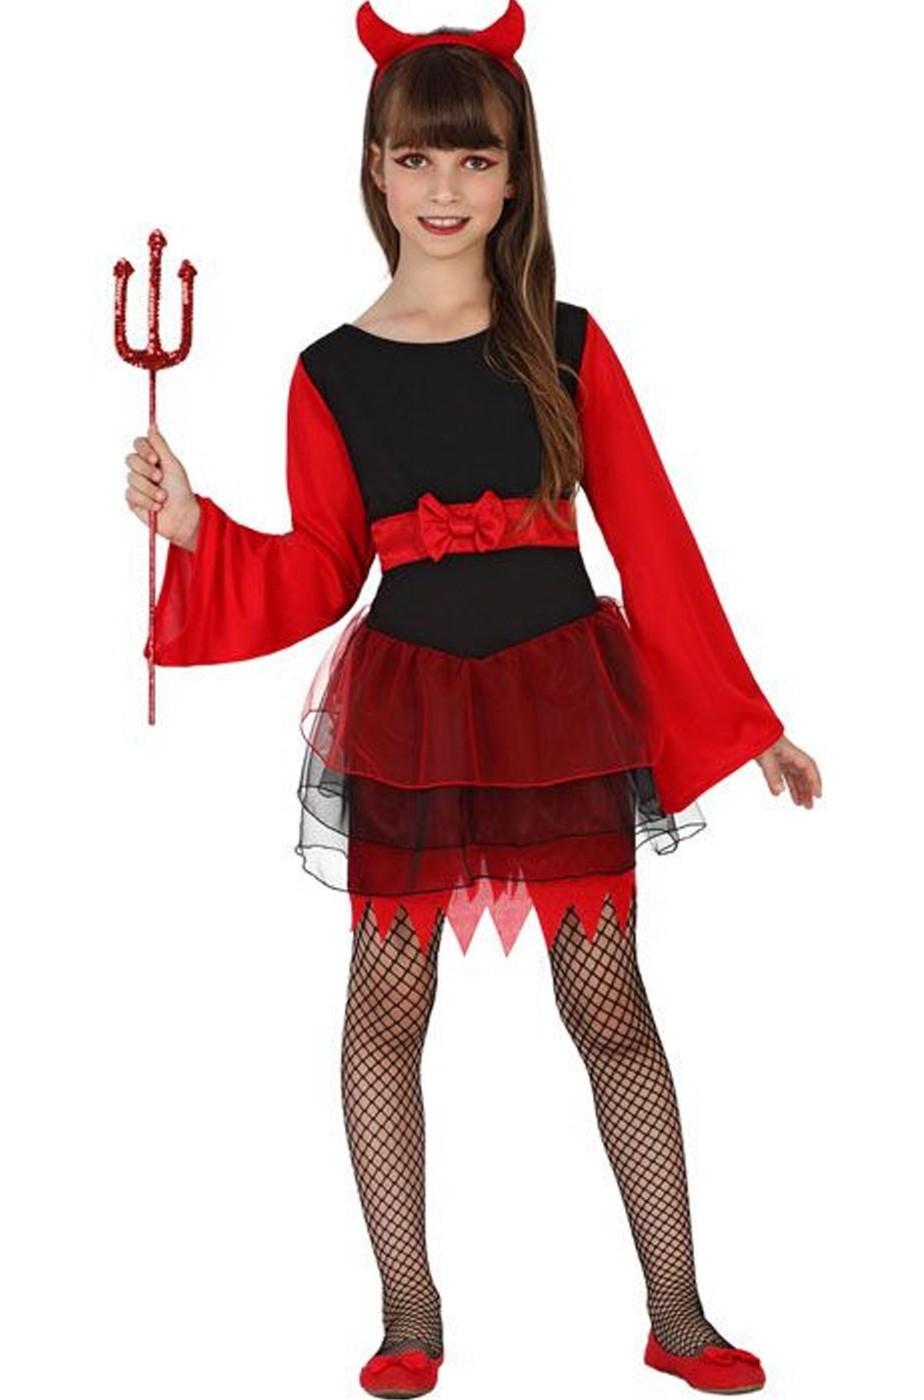 cerca le ultime nuovo arriva l'atteggiamento migliore Costume da diavola bambina diavoletta per Halloween rosso e nero